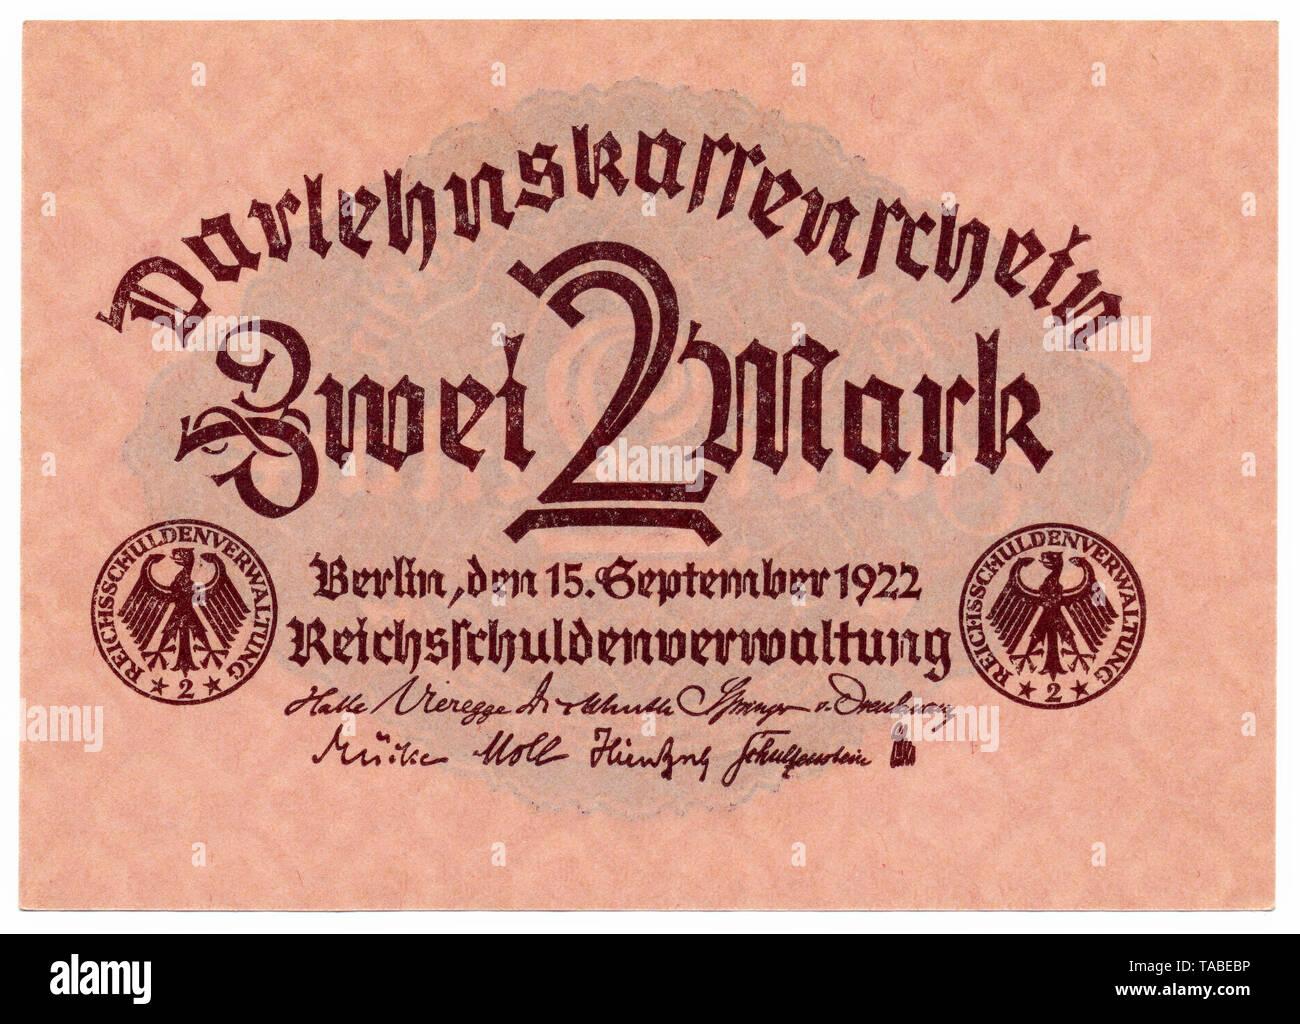 Historischer Geldschein, Darlehnskassenschein, Reichsschuldenverwaltung, 2 Mark, 1922, Deutschland, Europa Stockbild